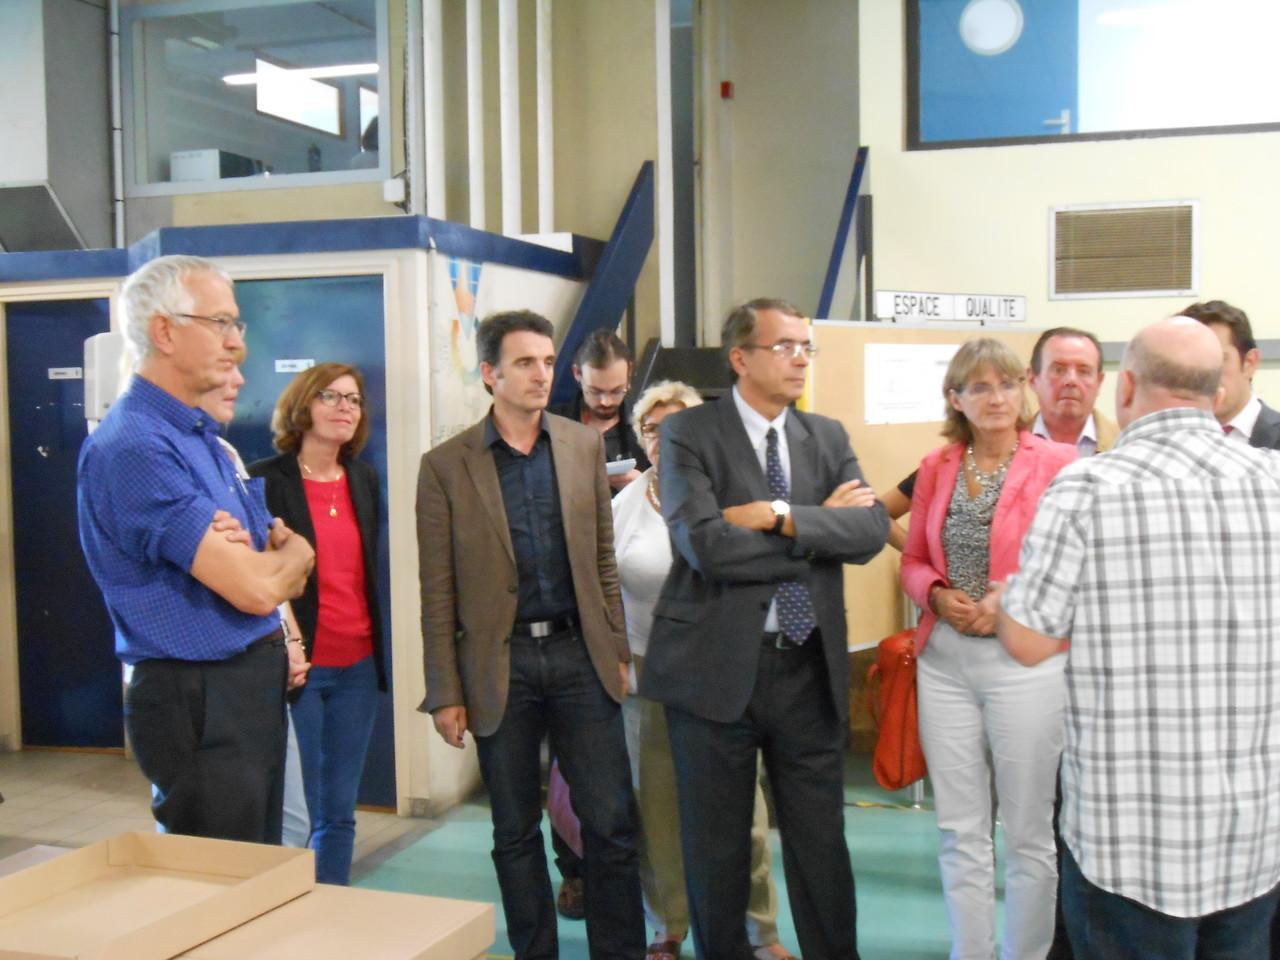 Visite de L'Atelier SIIS par Mr Jean Jack Queyranne